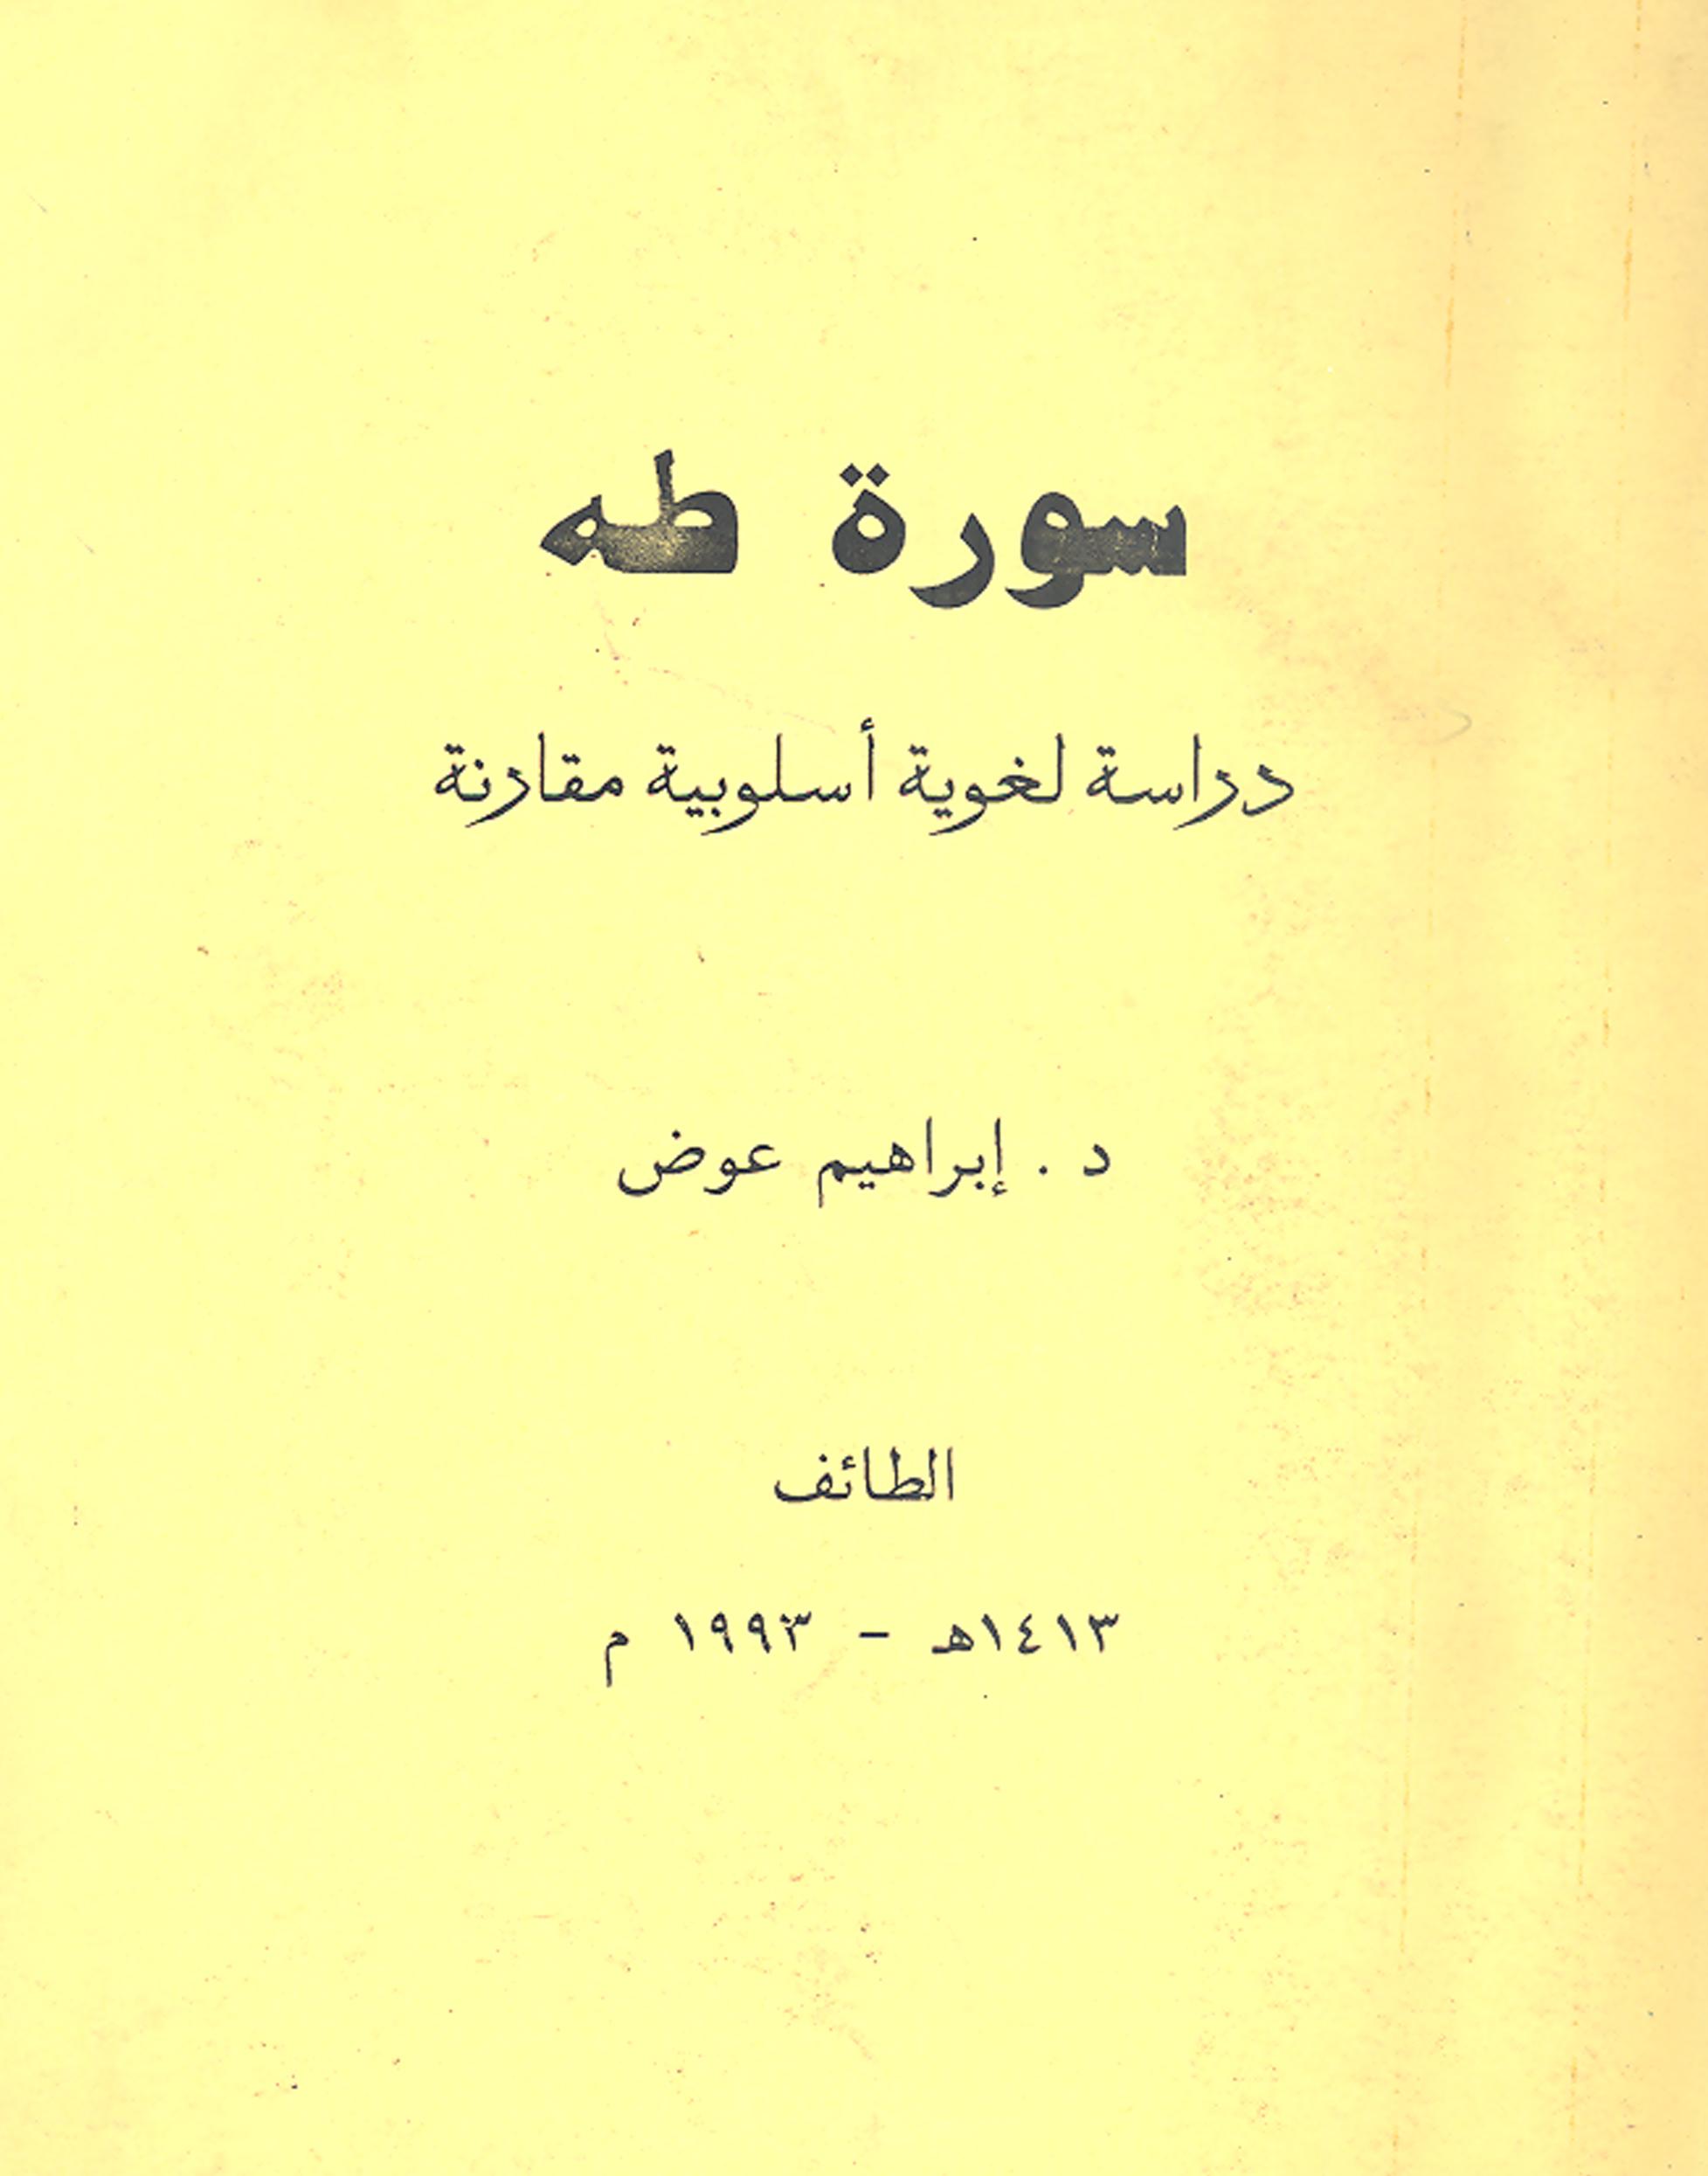 تحميل أحسن صحبة في رواية الإمام شعبة pdf